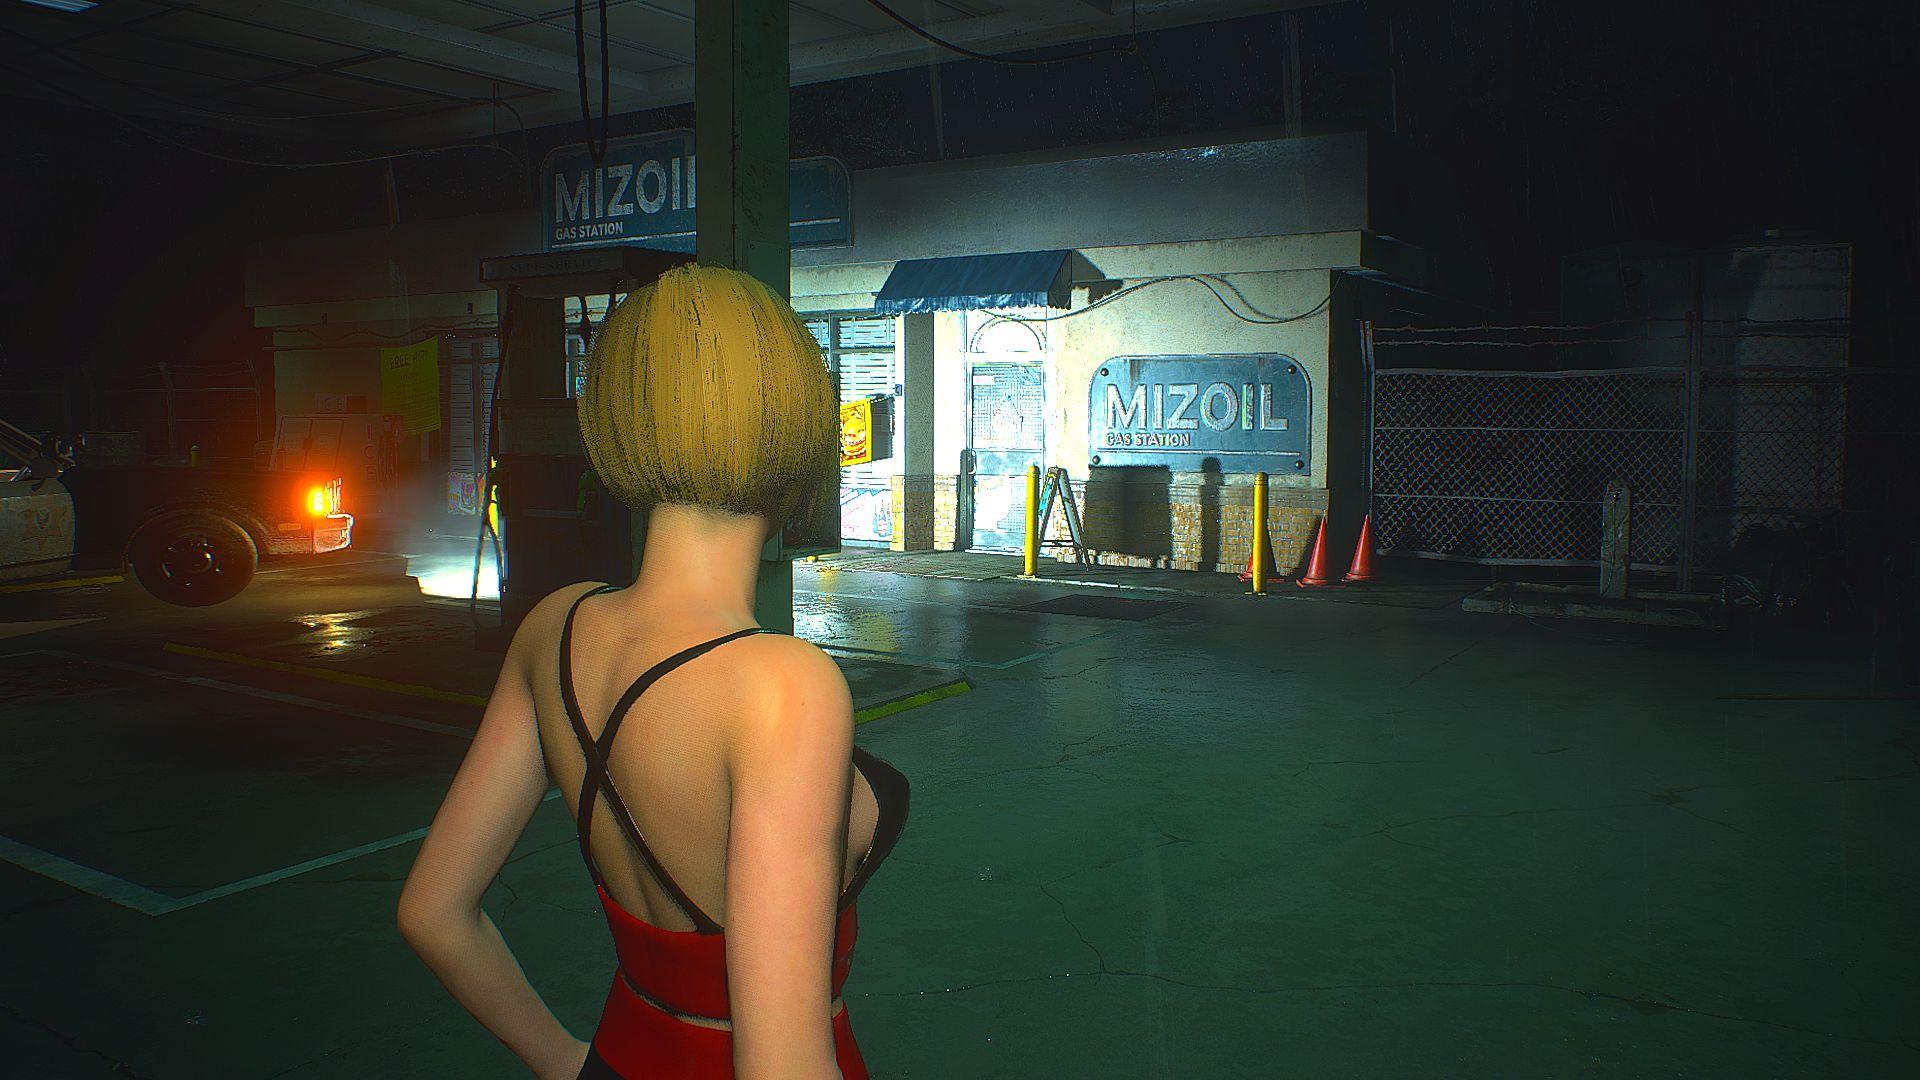 001152.Jpg - Resident Evil 2